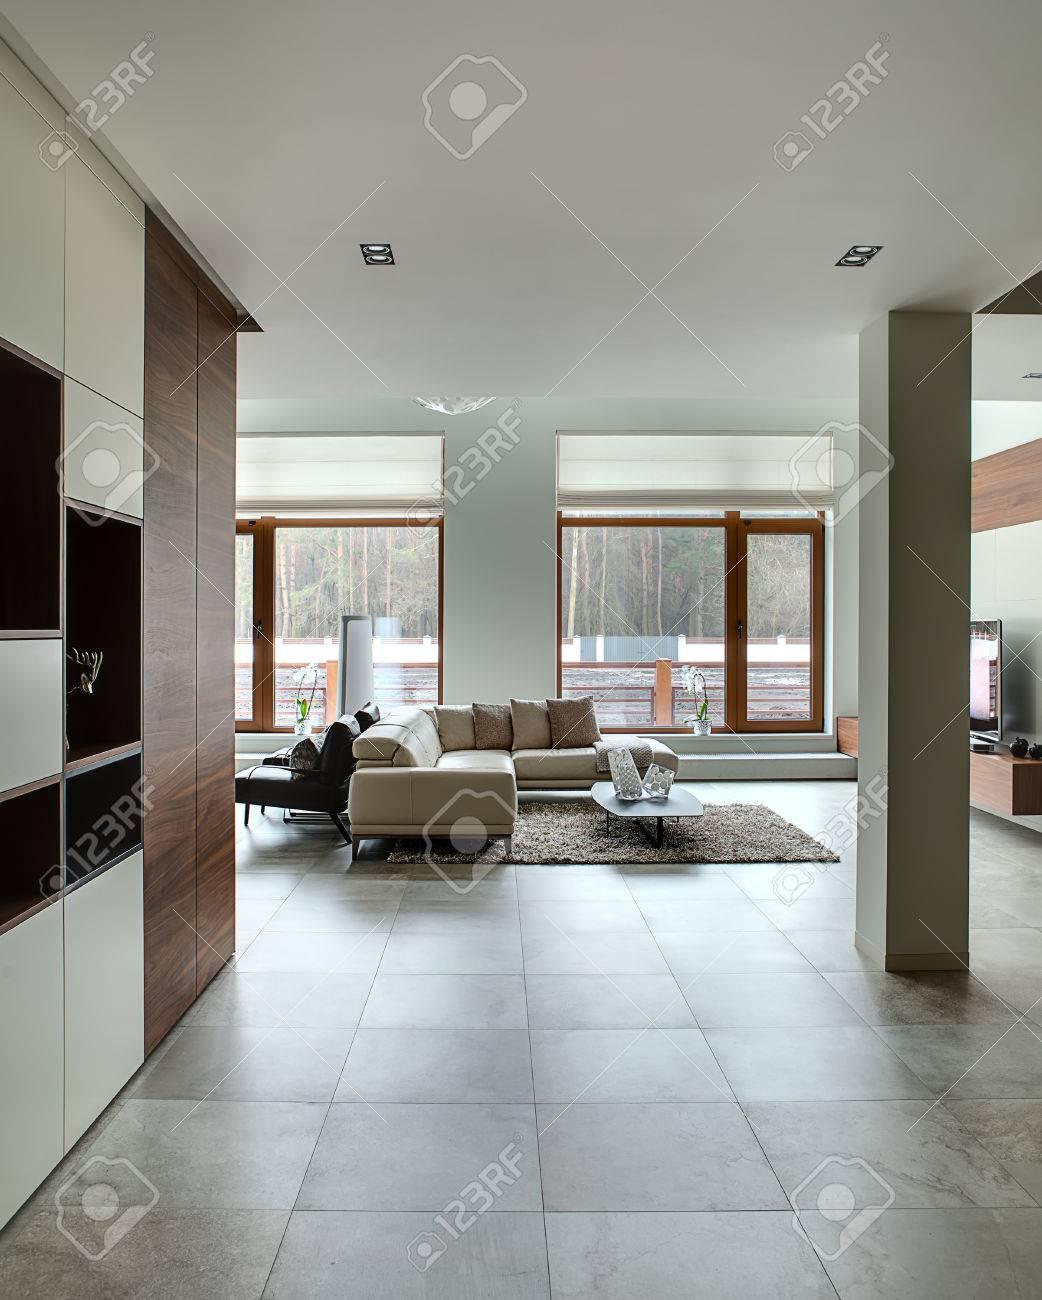 Hall In Einem Modernen Stil Mit Hellen Wanden Und Hellen Fliesen Auf